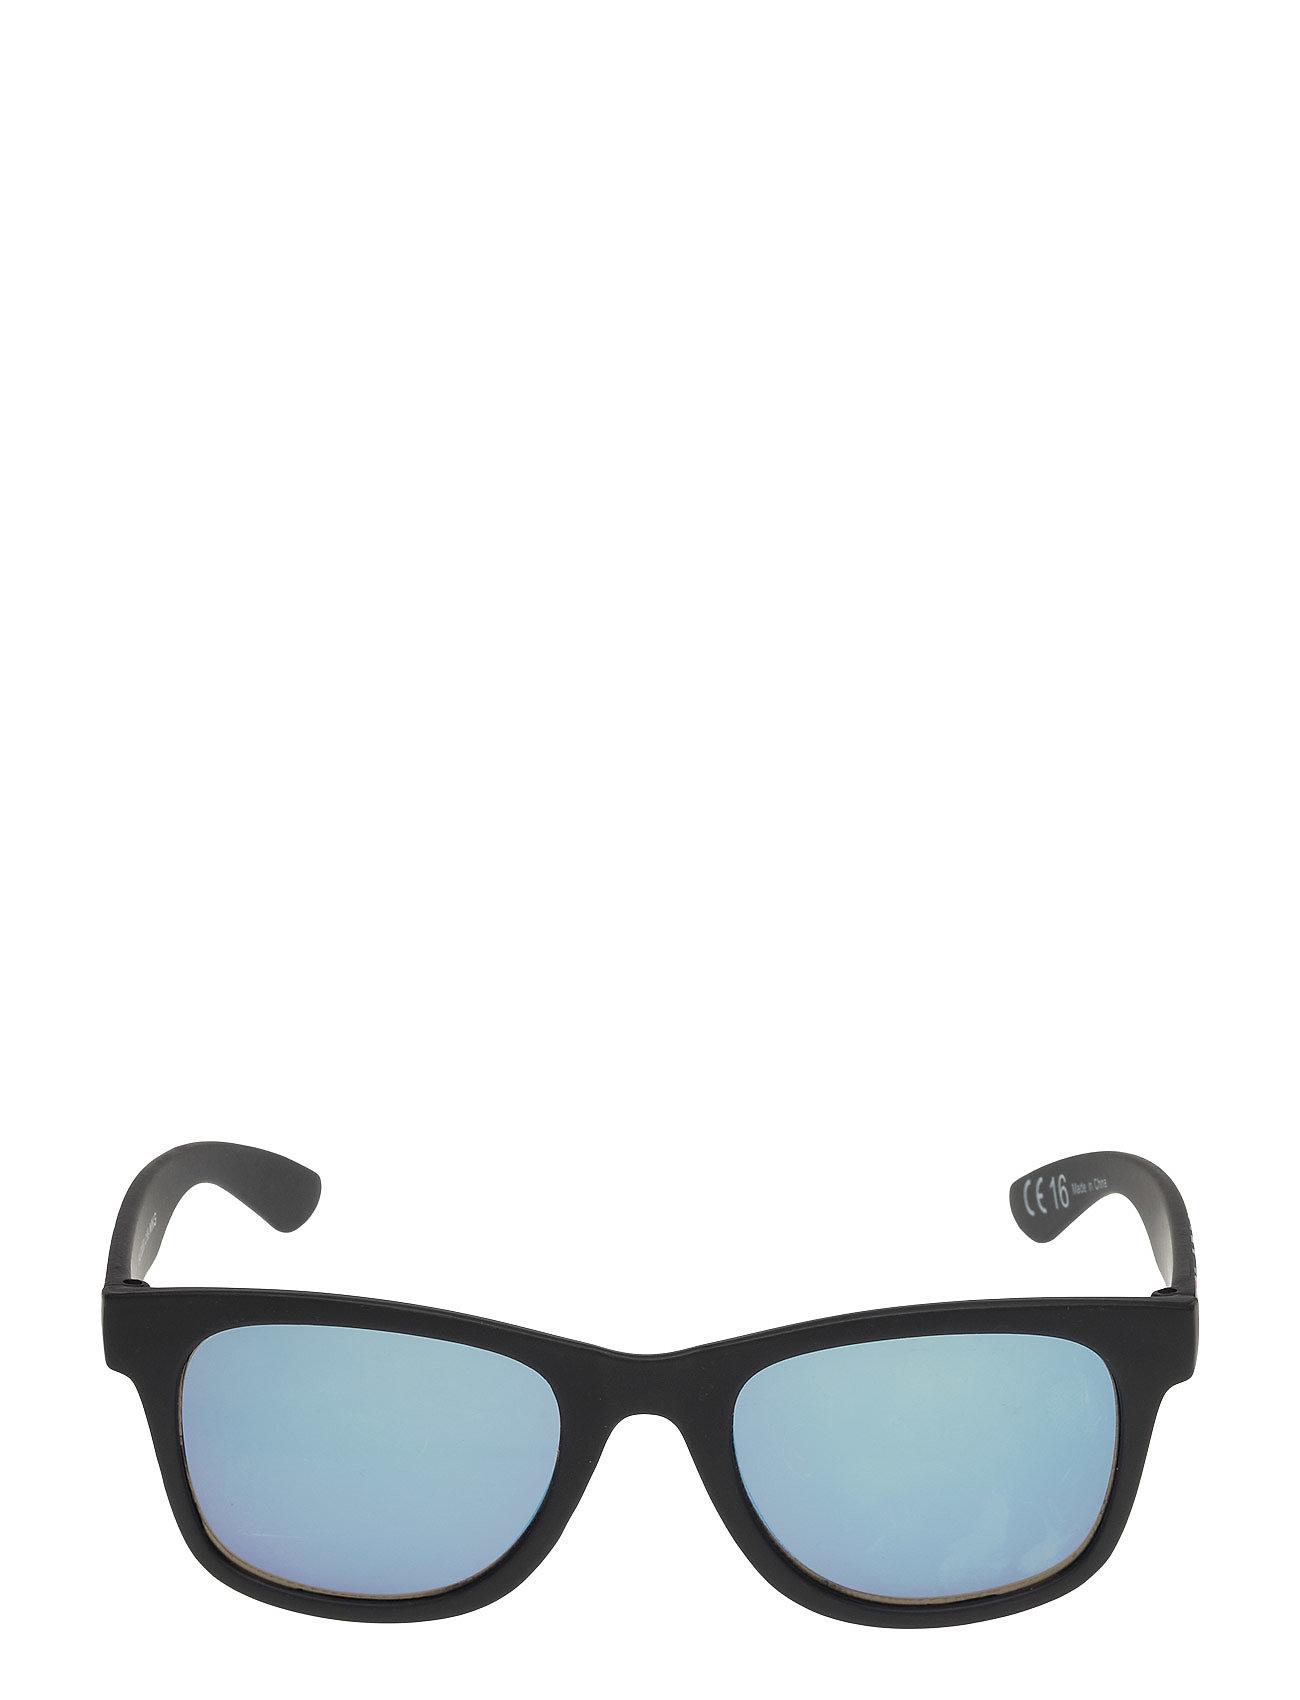 Contrast Arm Sunglasses Mango Kids Solbriller til Børn i Sort